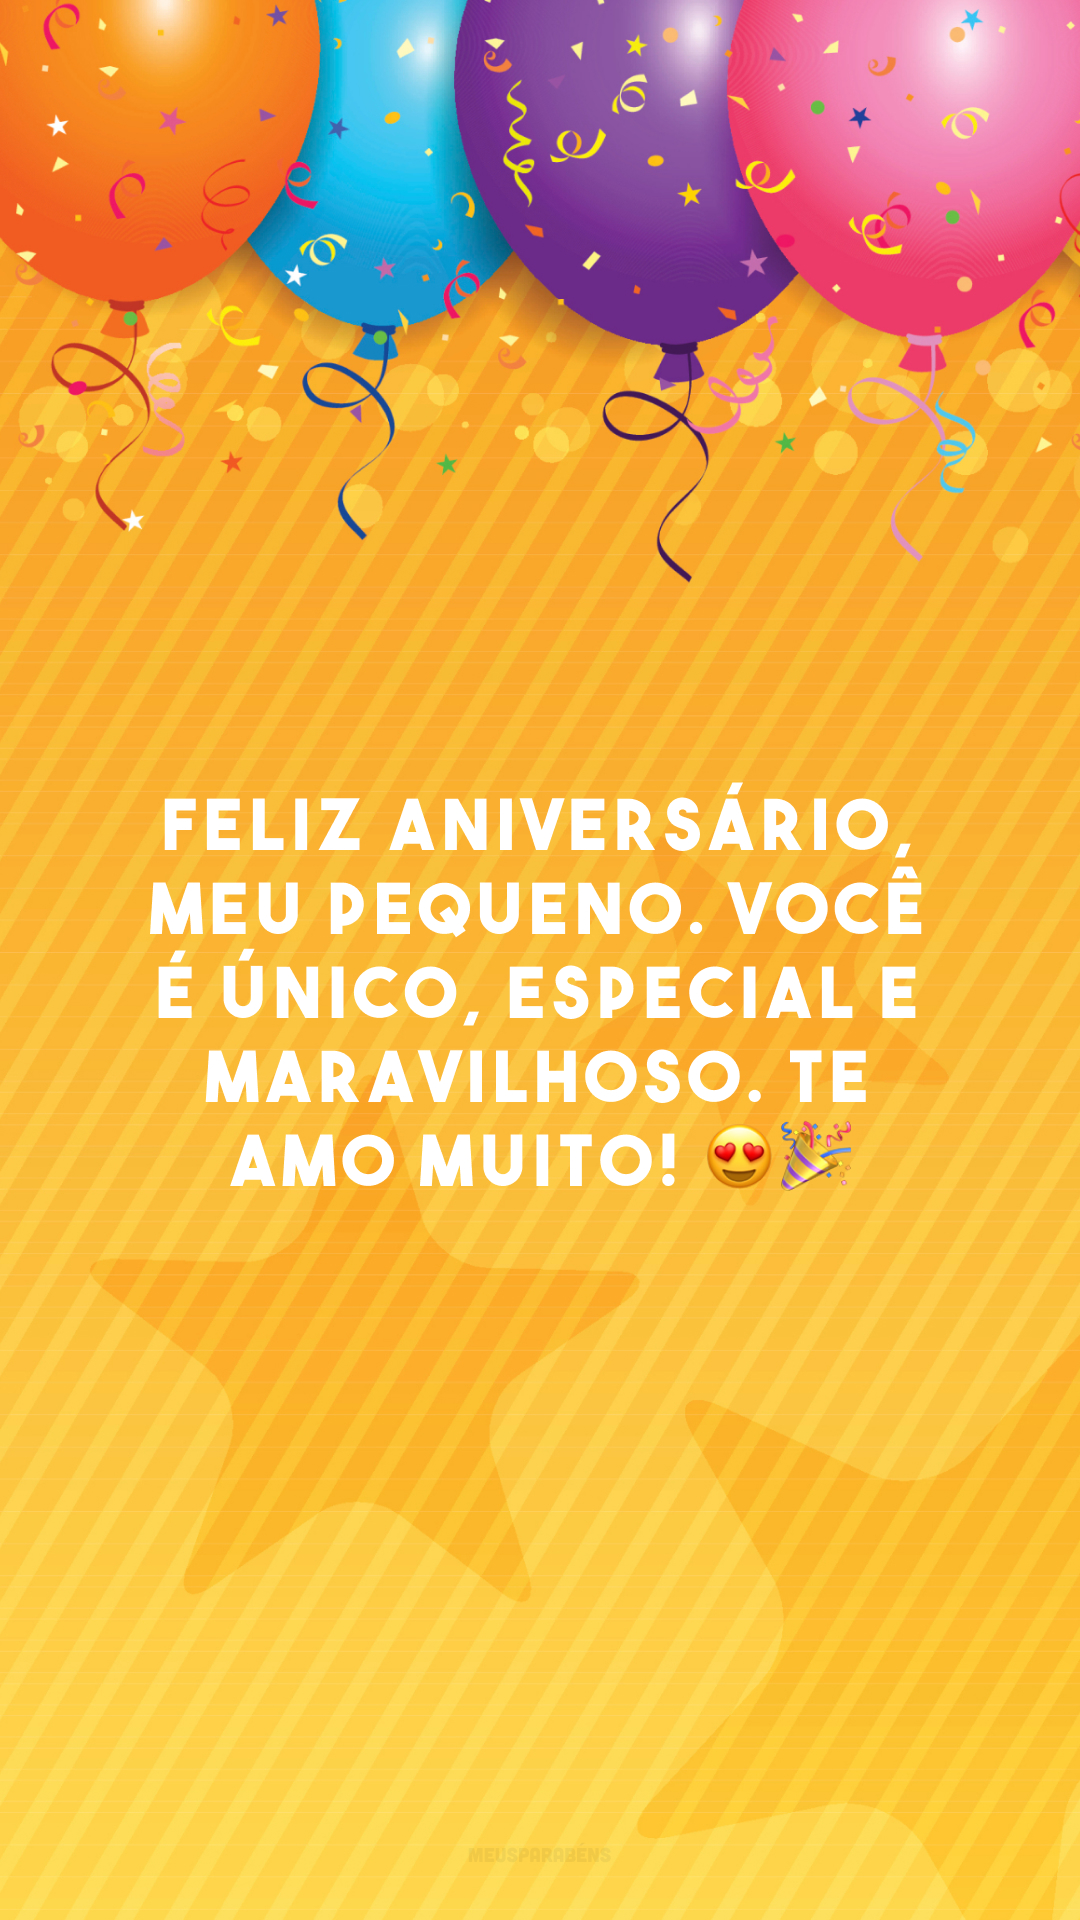 Feliz aniversário, meu pequeno. Você é único, especial e maravilhoso. Te amo muito! 😍🎉